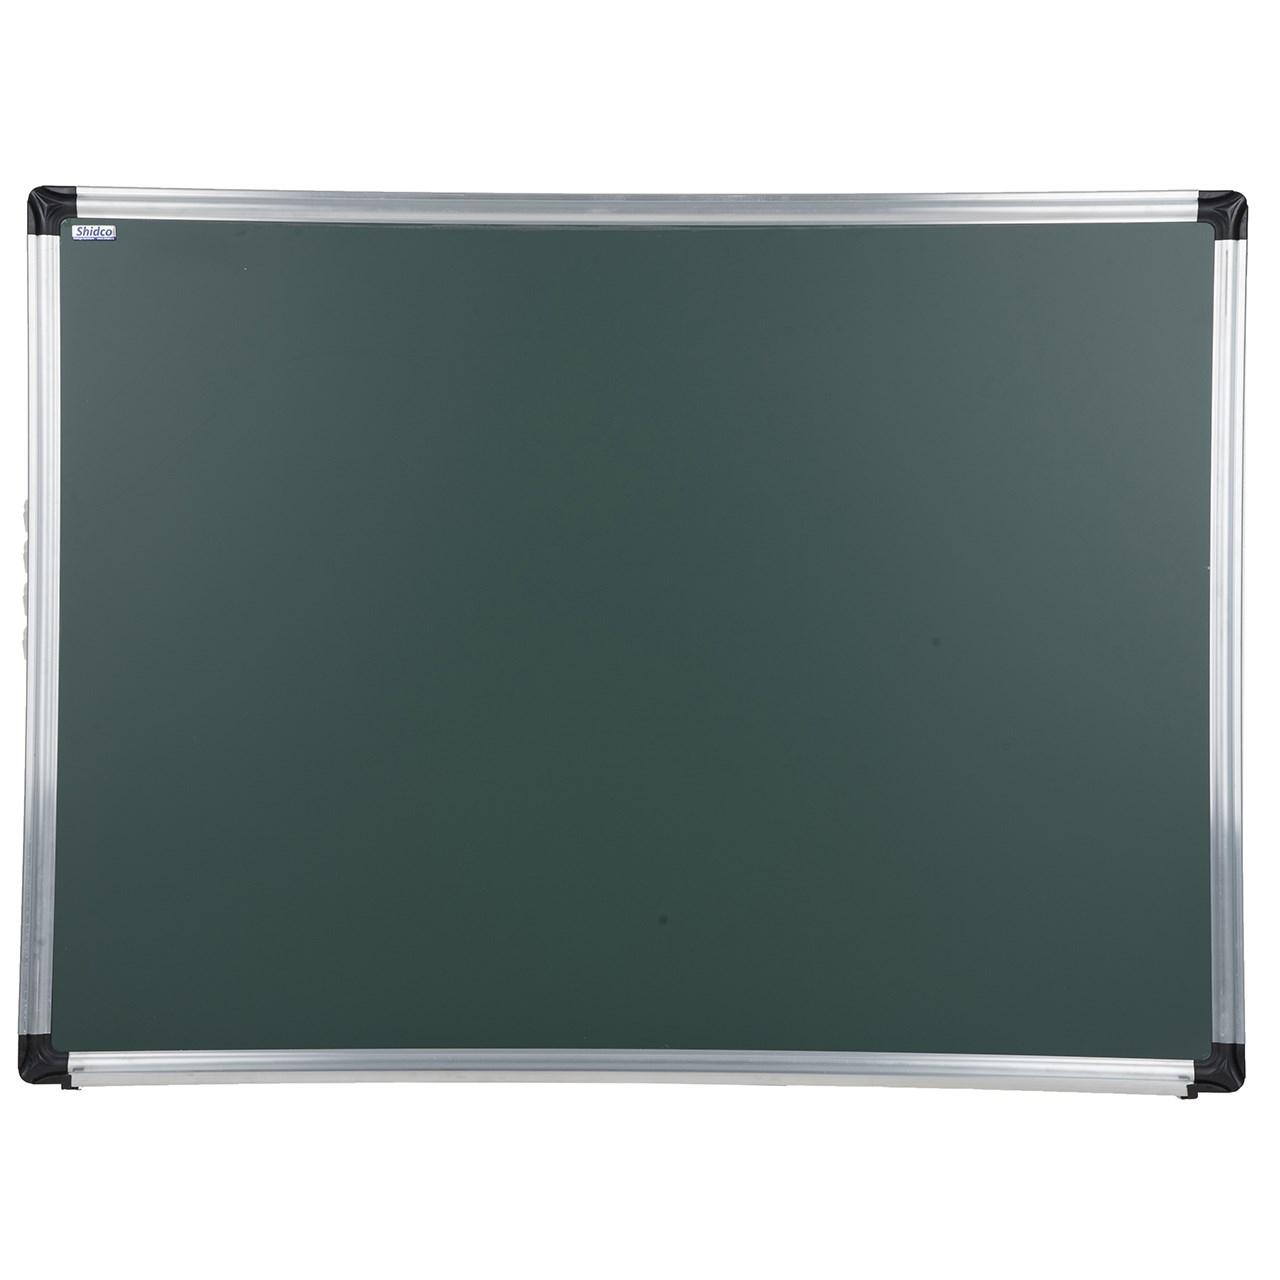 تخته گرین برد شیدکو مدل کلاسیک سایز 120×90 سانتیمتر